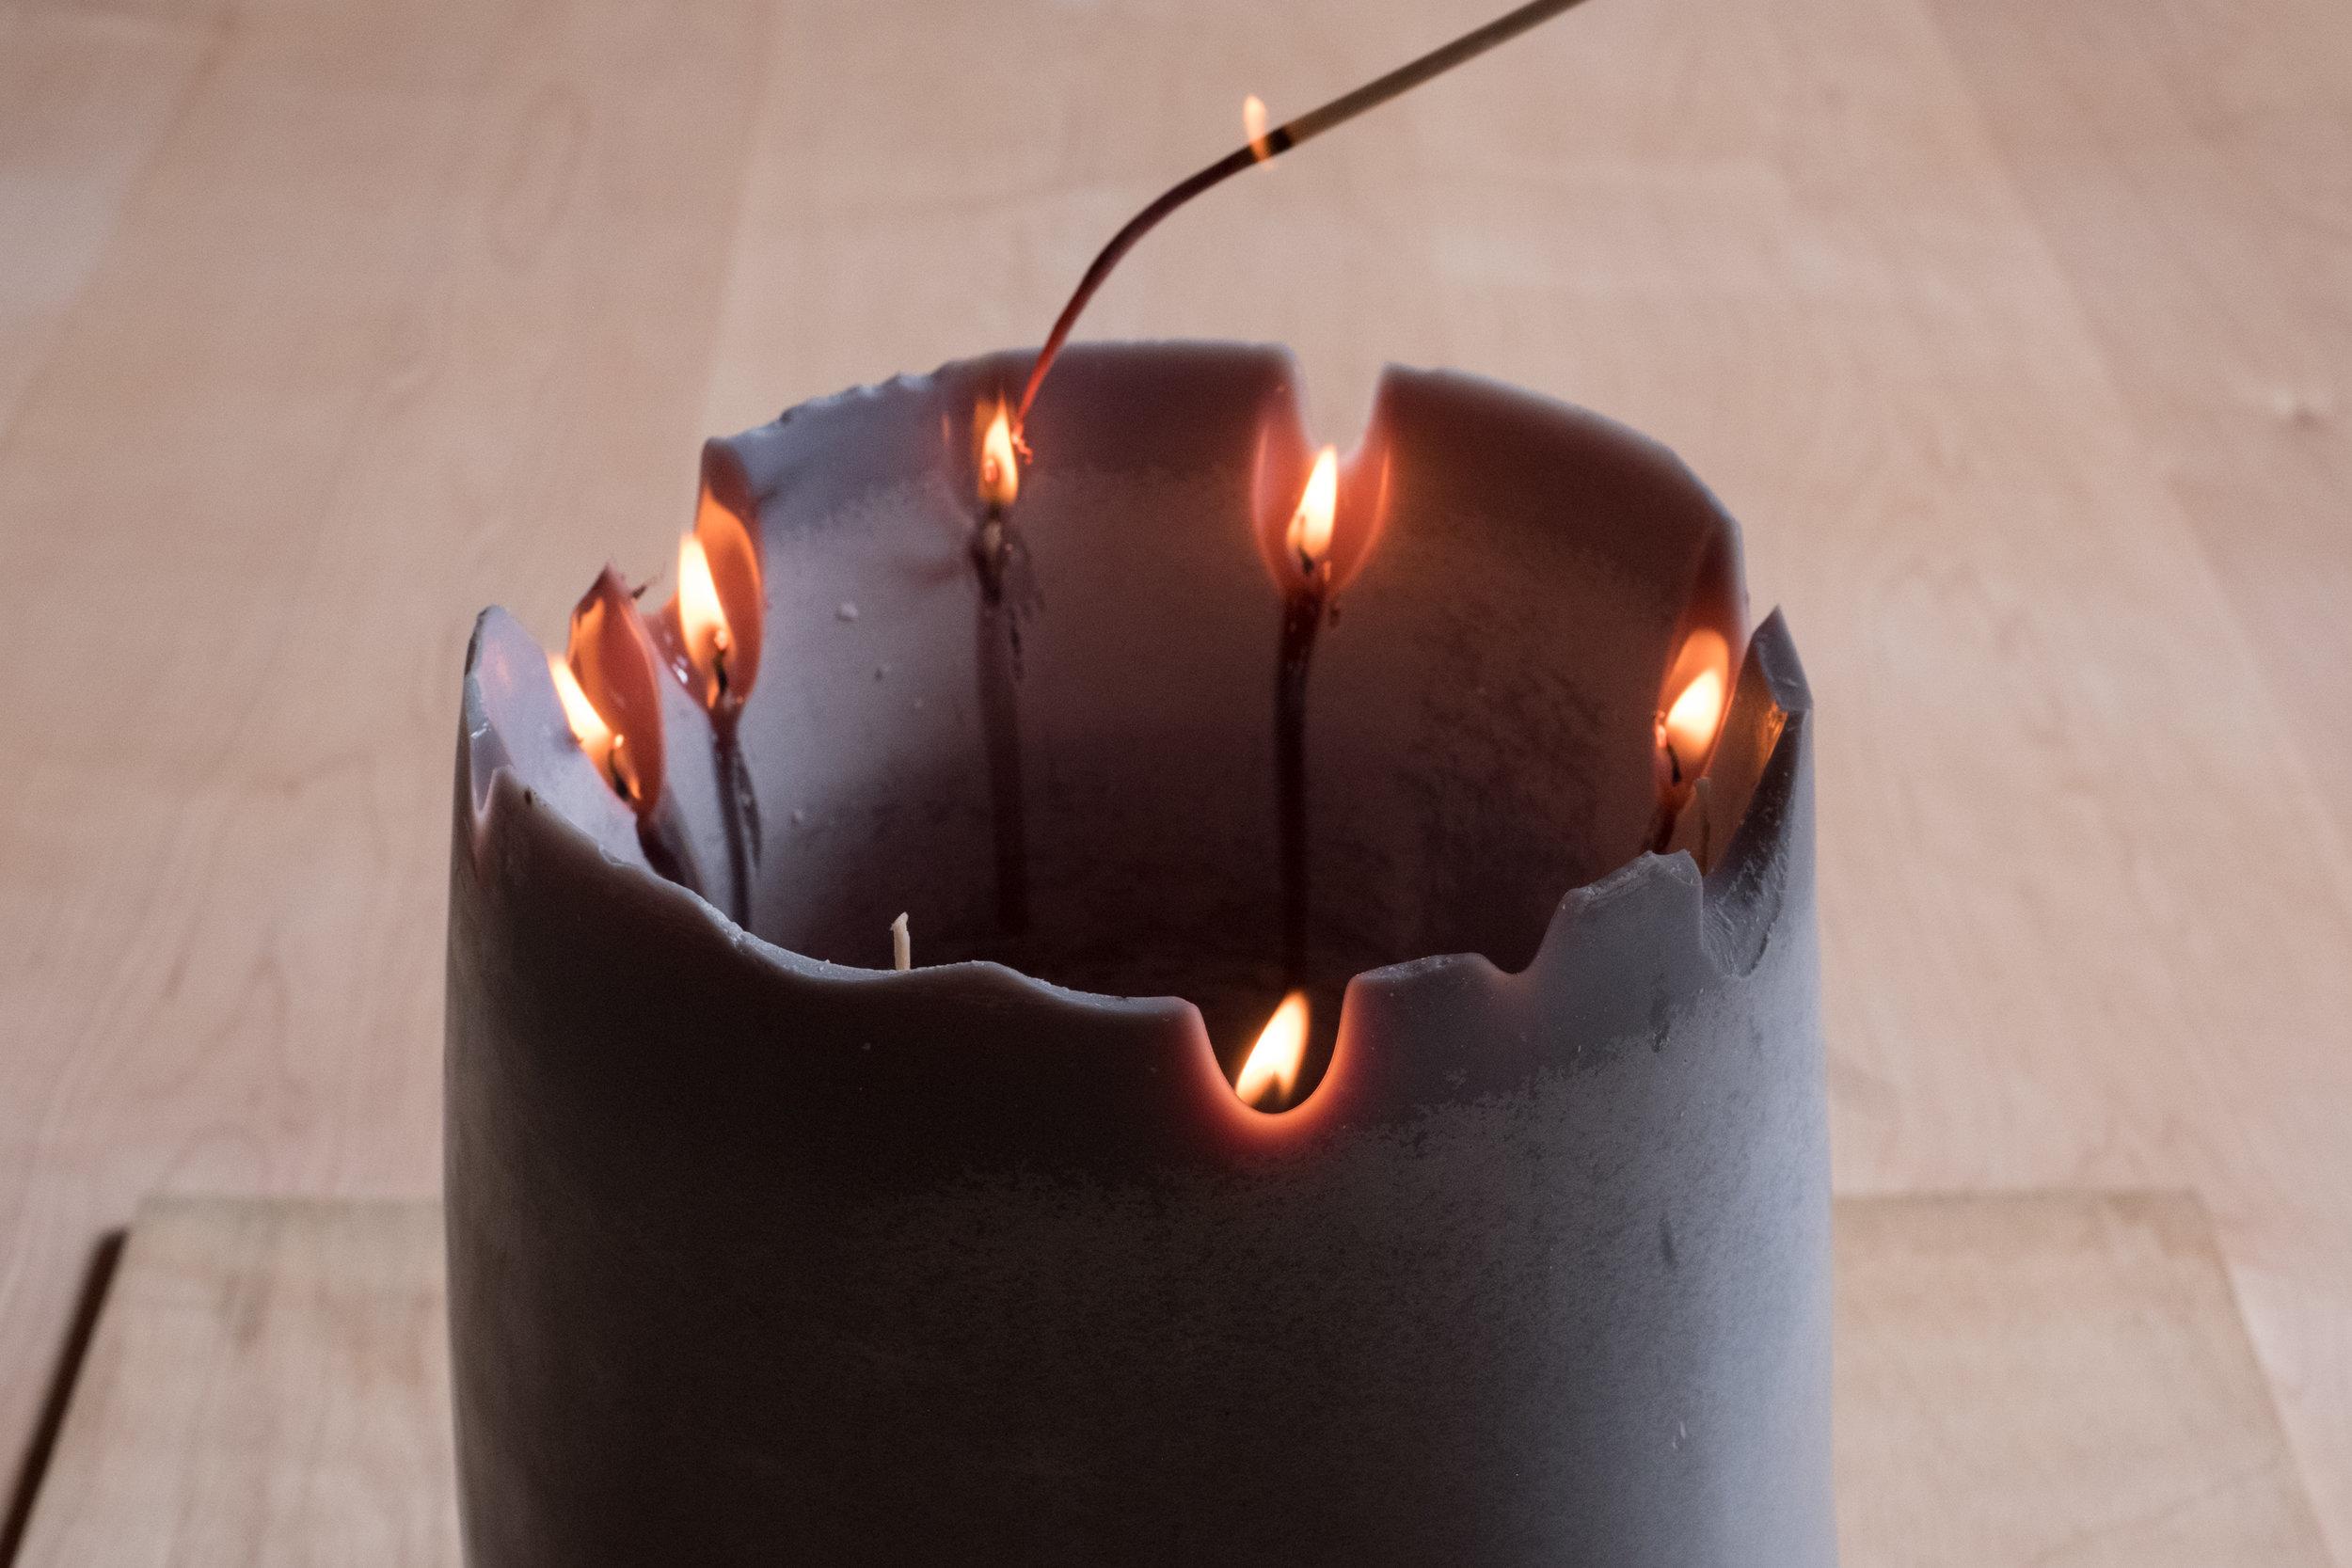 2018_05_14_CandlePitBurning-1310.jpg